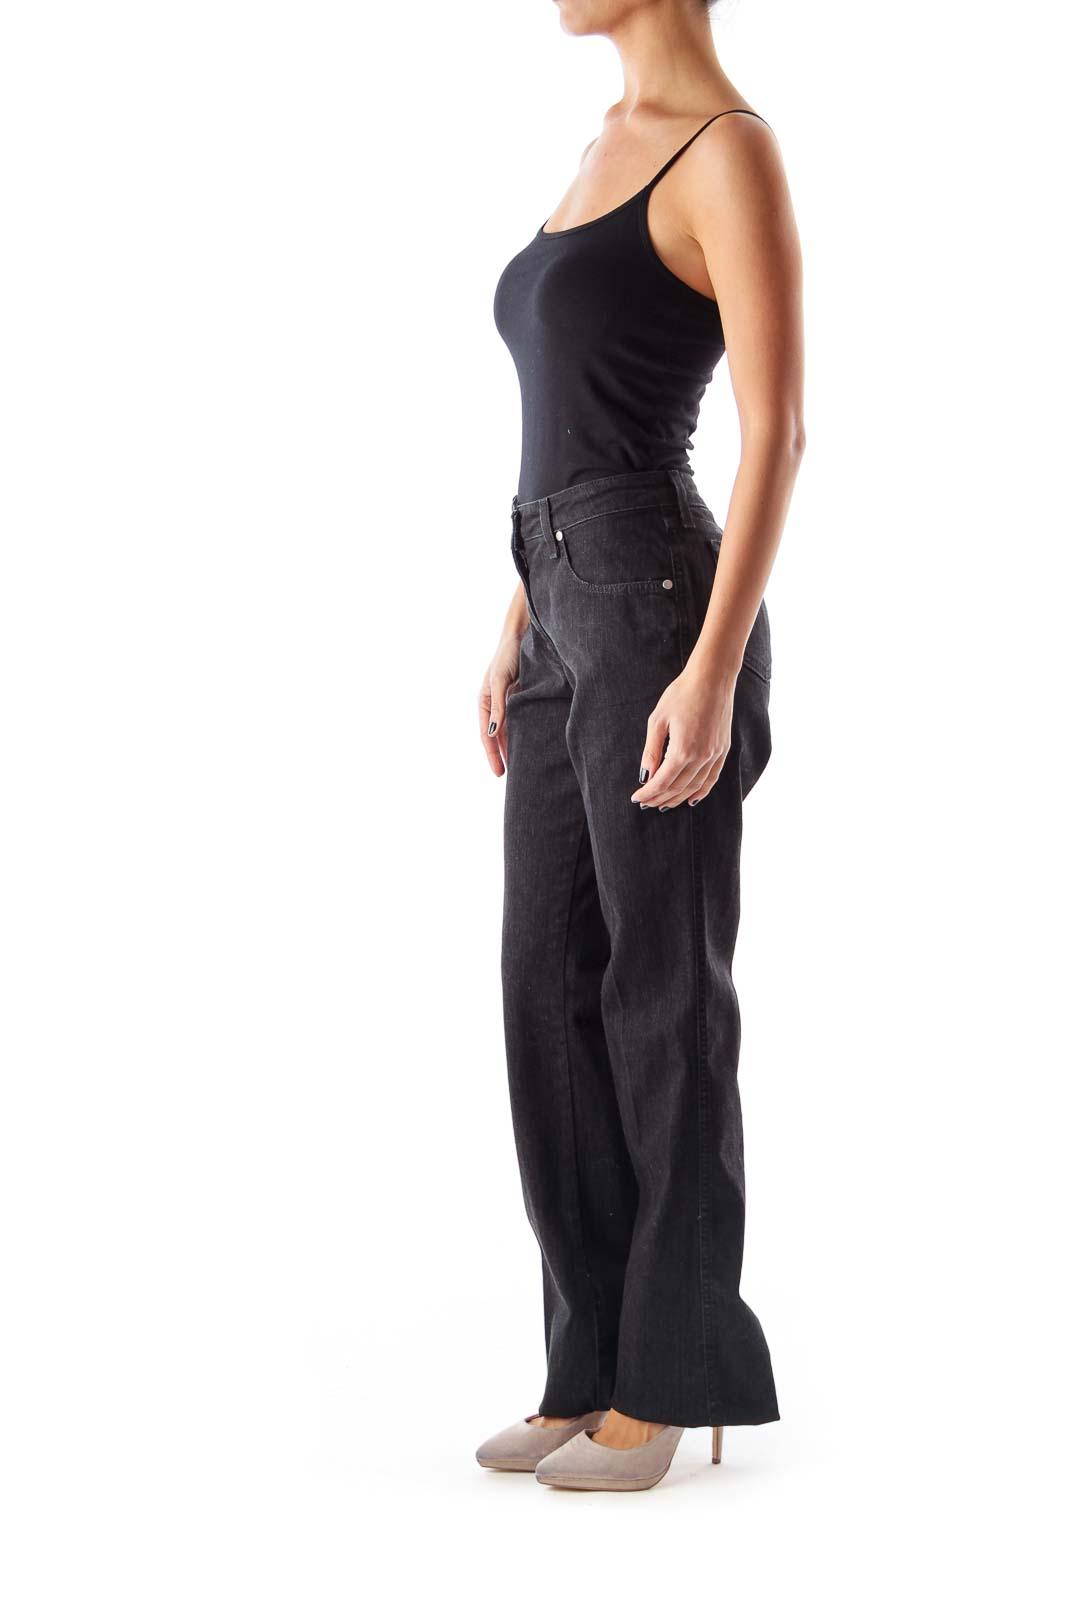 Black Mid-Waist Flare Jeans